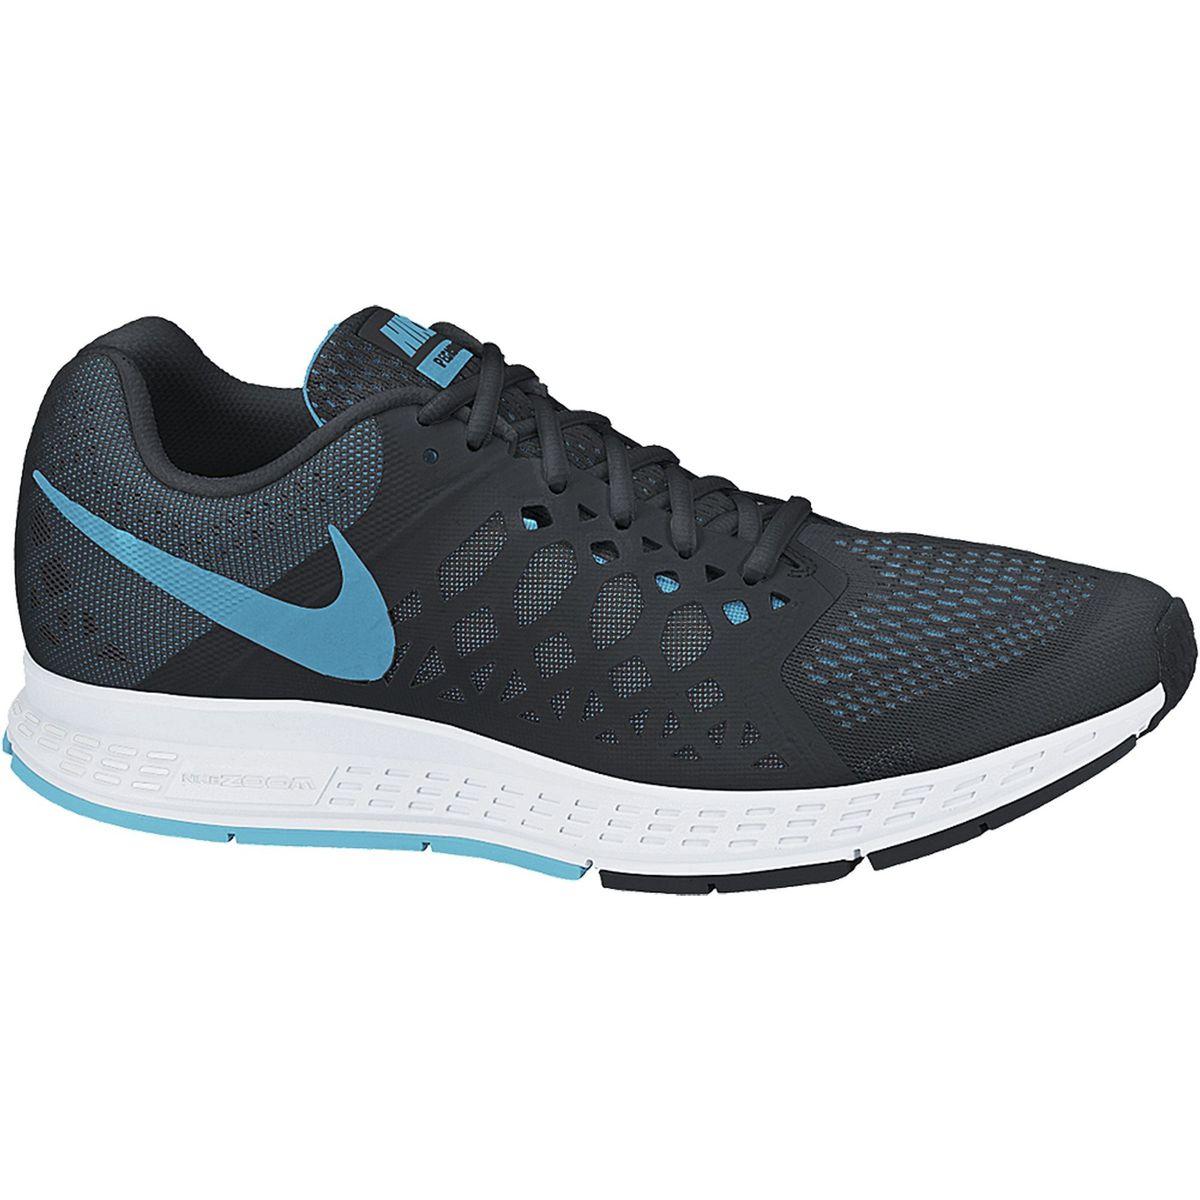 Men's Nike Air Zoom Pegasus 31 Running Shoe Buy Online in South